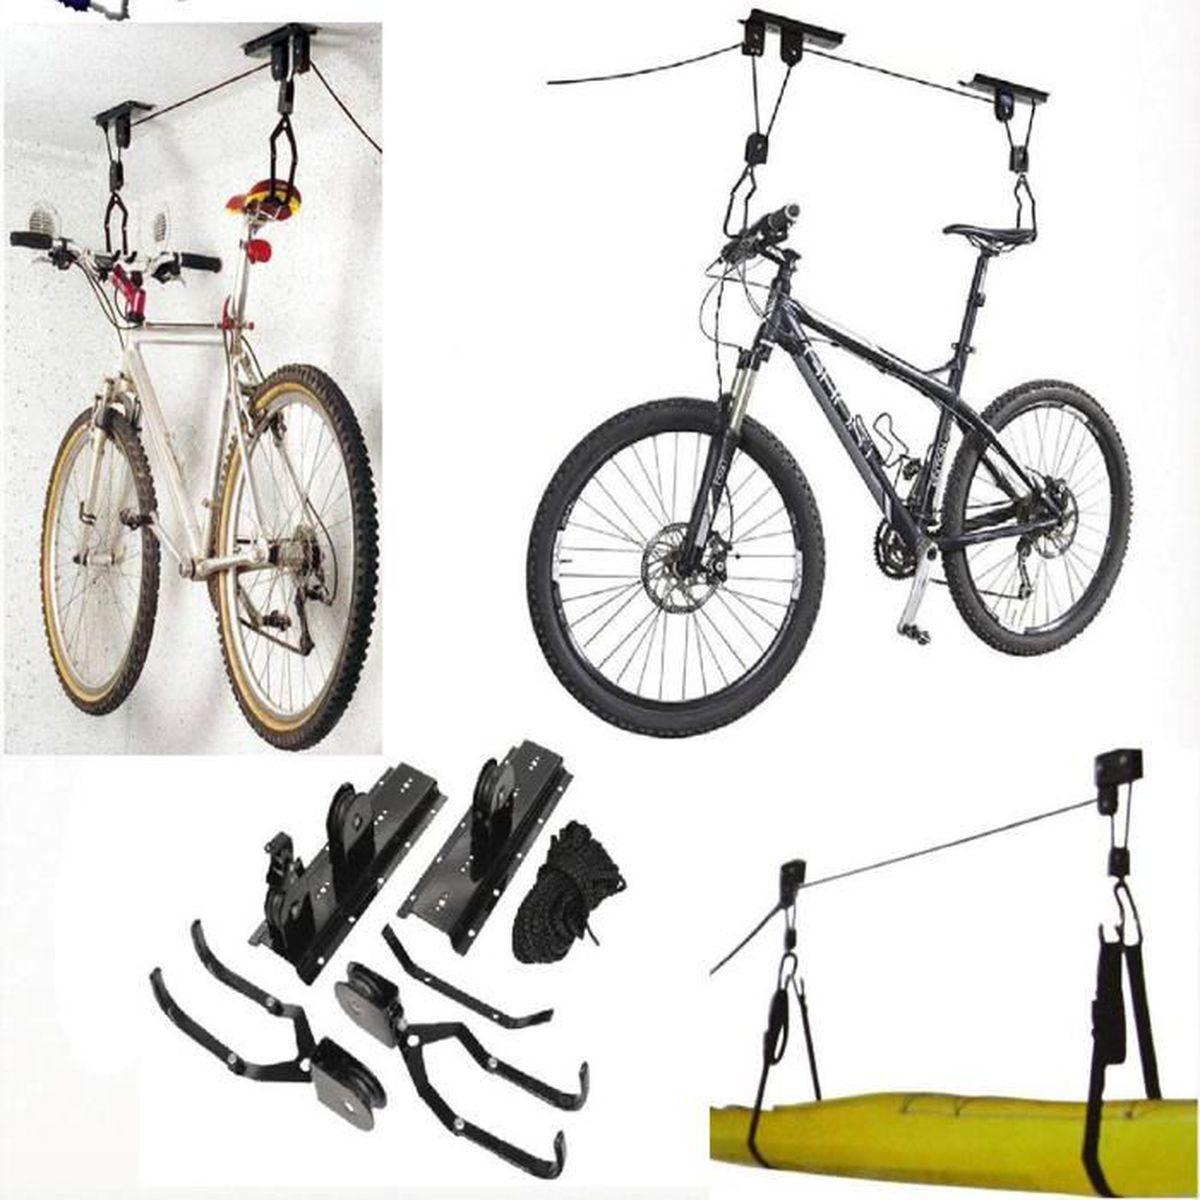 Support Velo Au Plafond rangement porte-vélo ascenseur rangement vélo au plafond